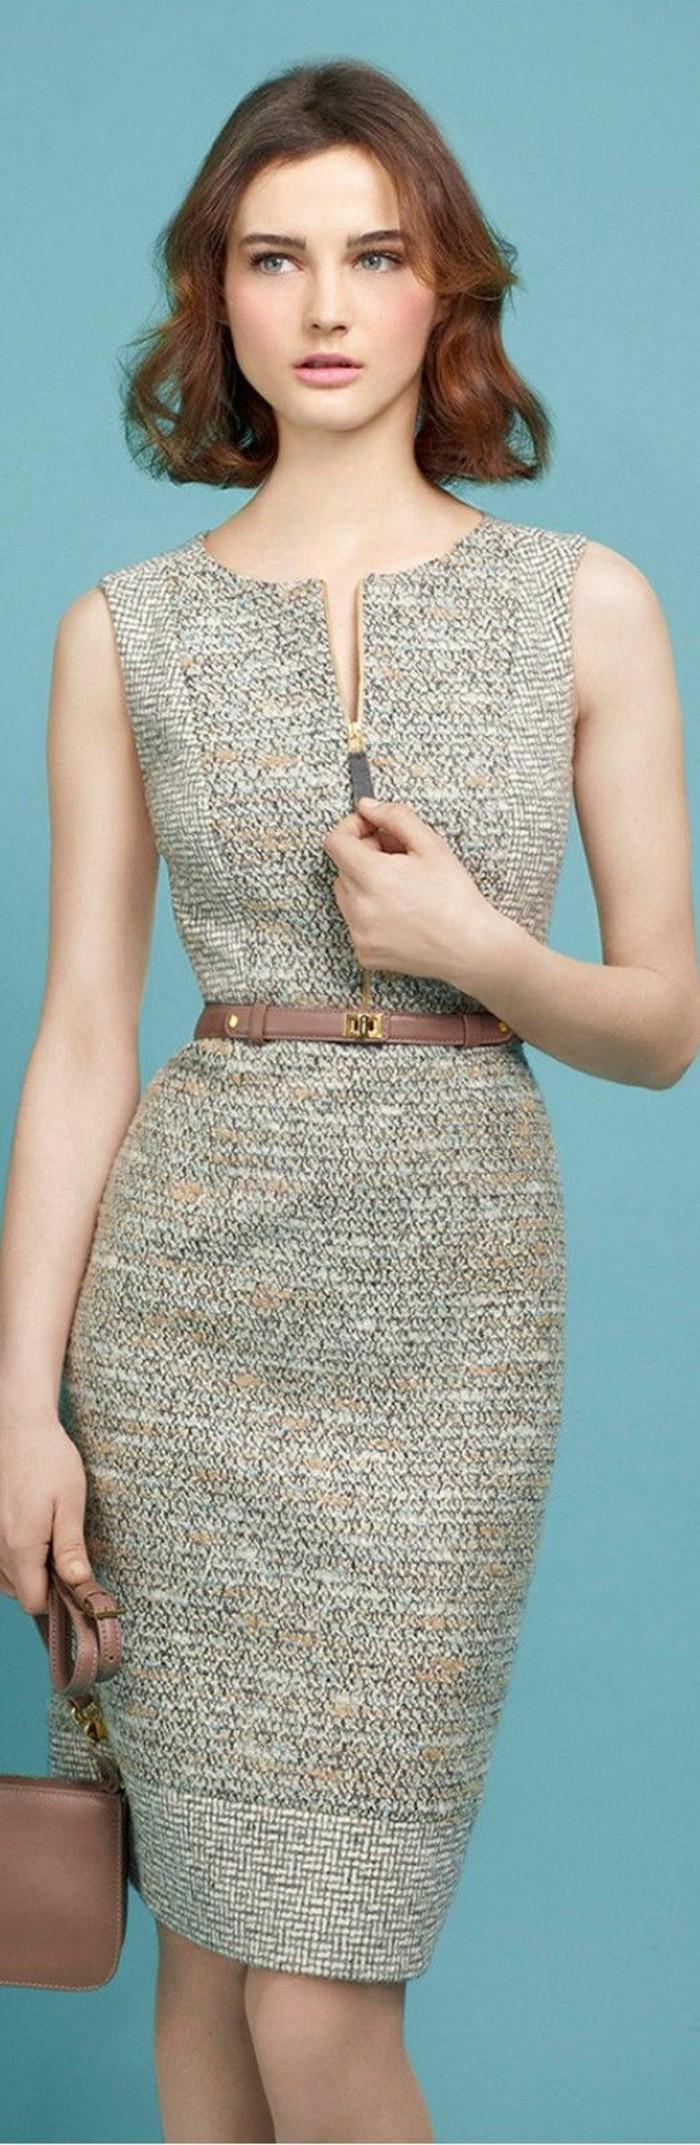 1001 id es pour porter votre robe en laine les looks. Black Bedroom Furniture Sets. Home Design Ideas